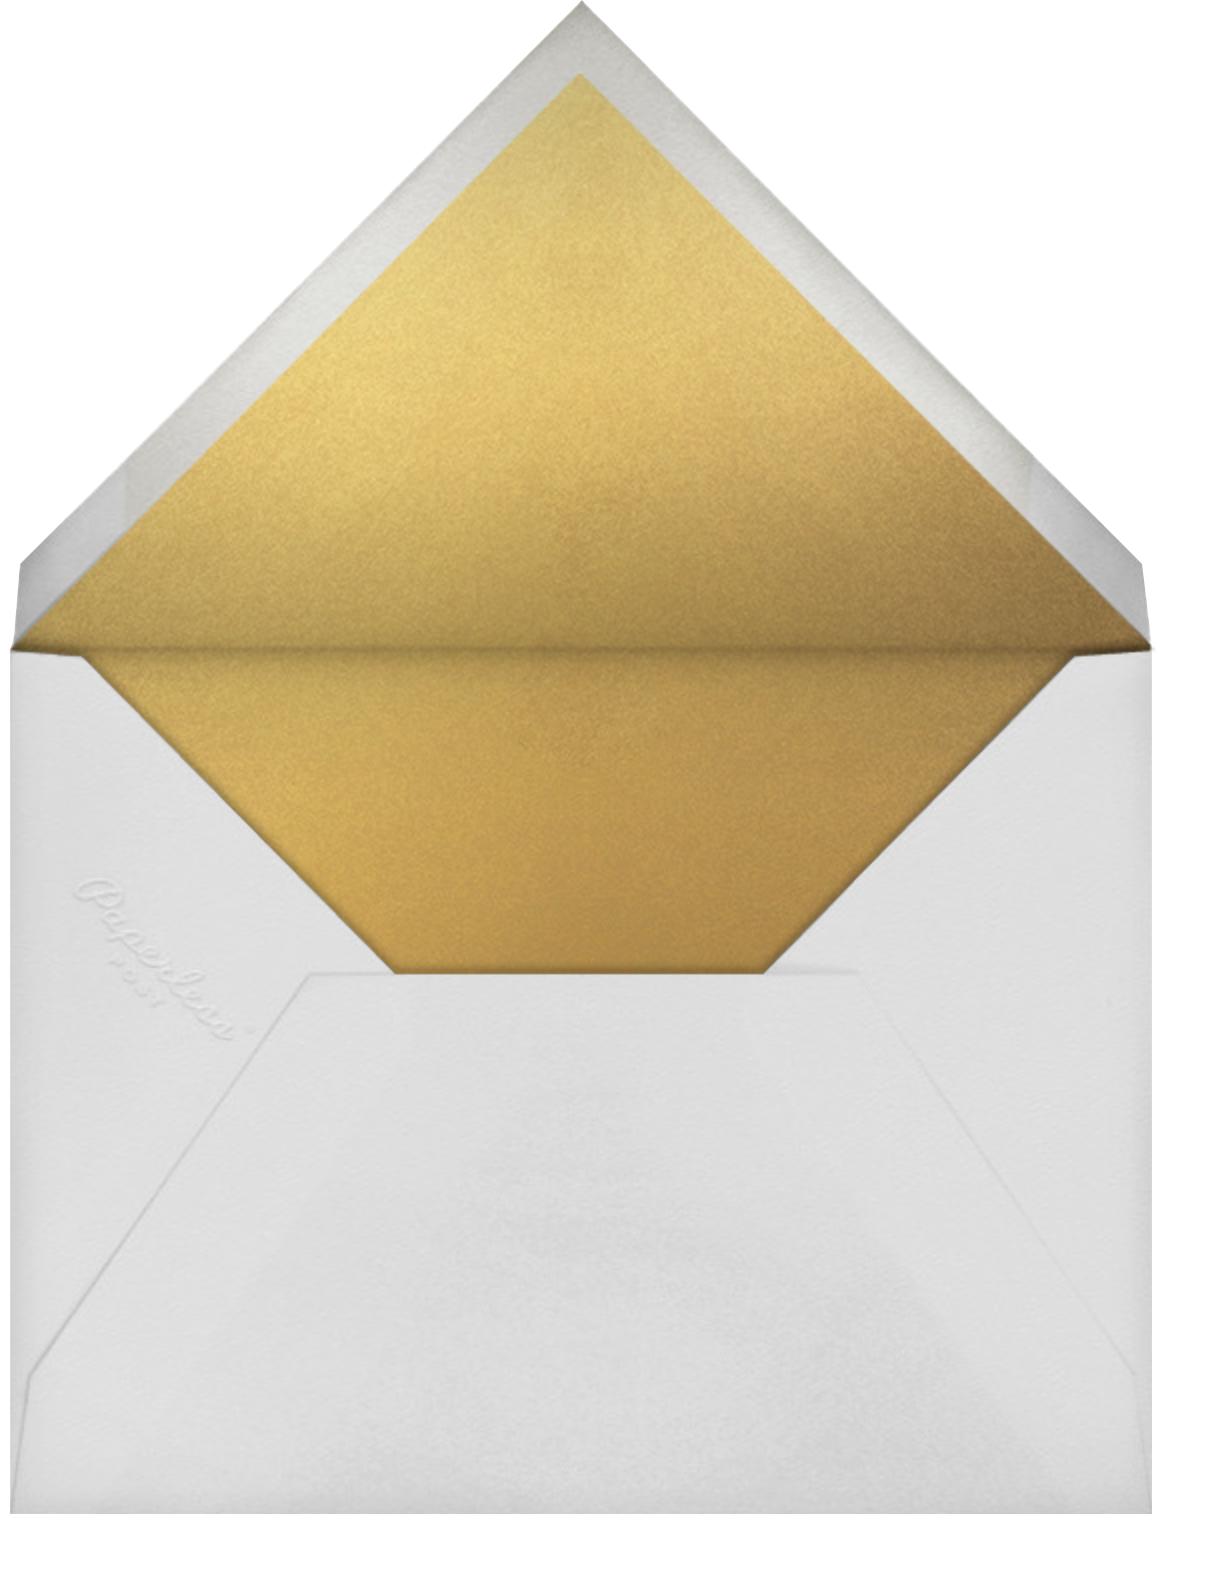 D'Etange - Paperless Post - Envelope